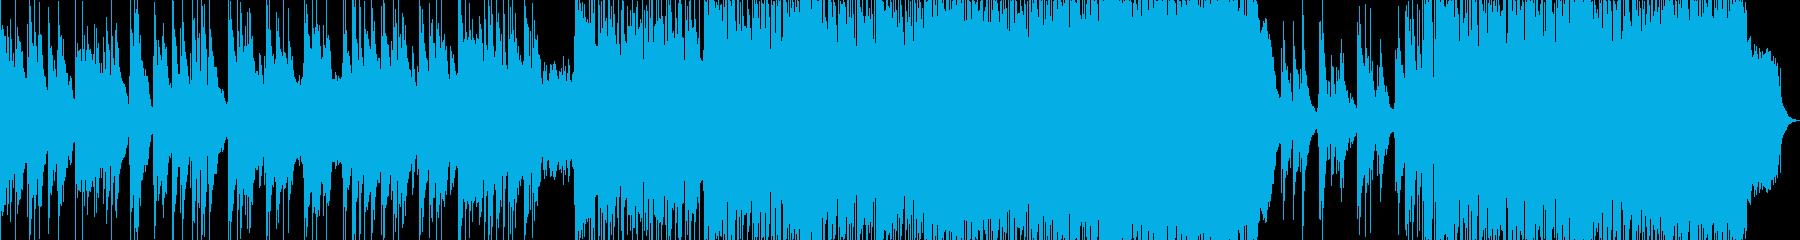 しっとりとしたアコギバラード 生演奏の再生済みの波形